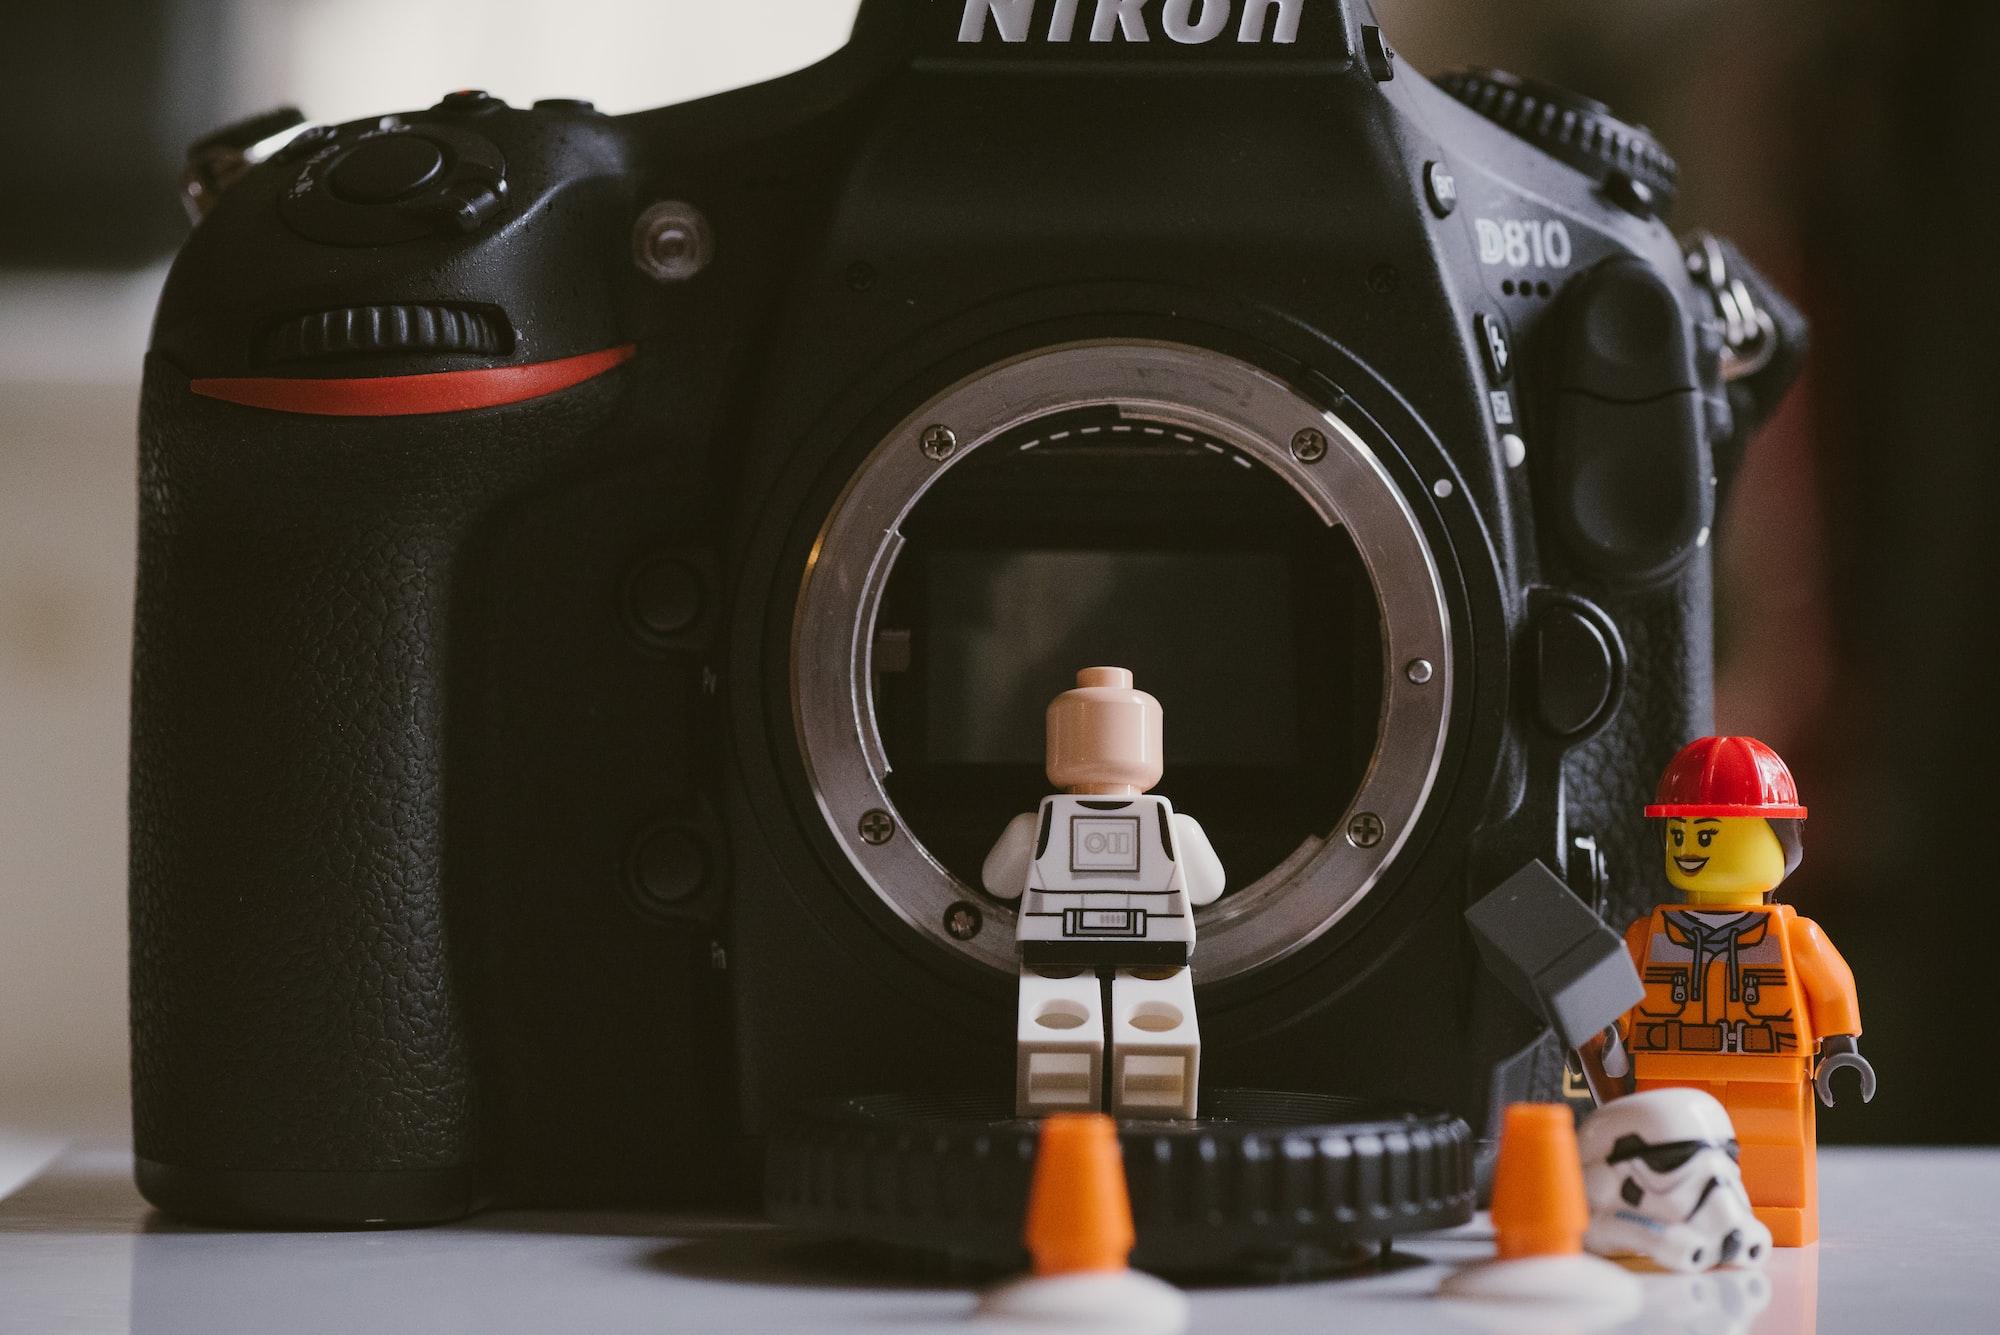 LetsTok raises $1.5M with a marketplace for content creators